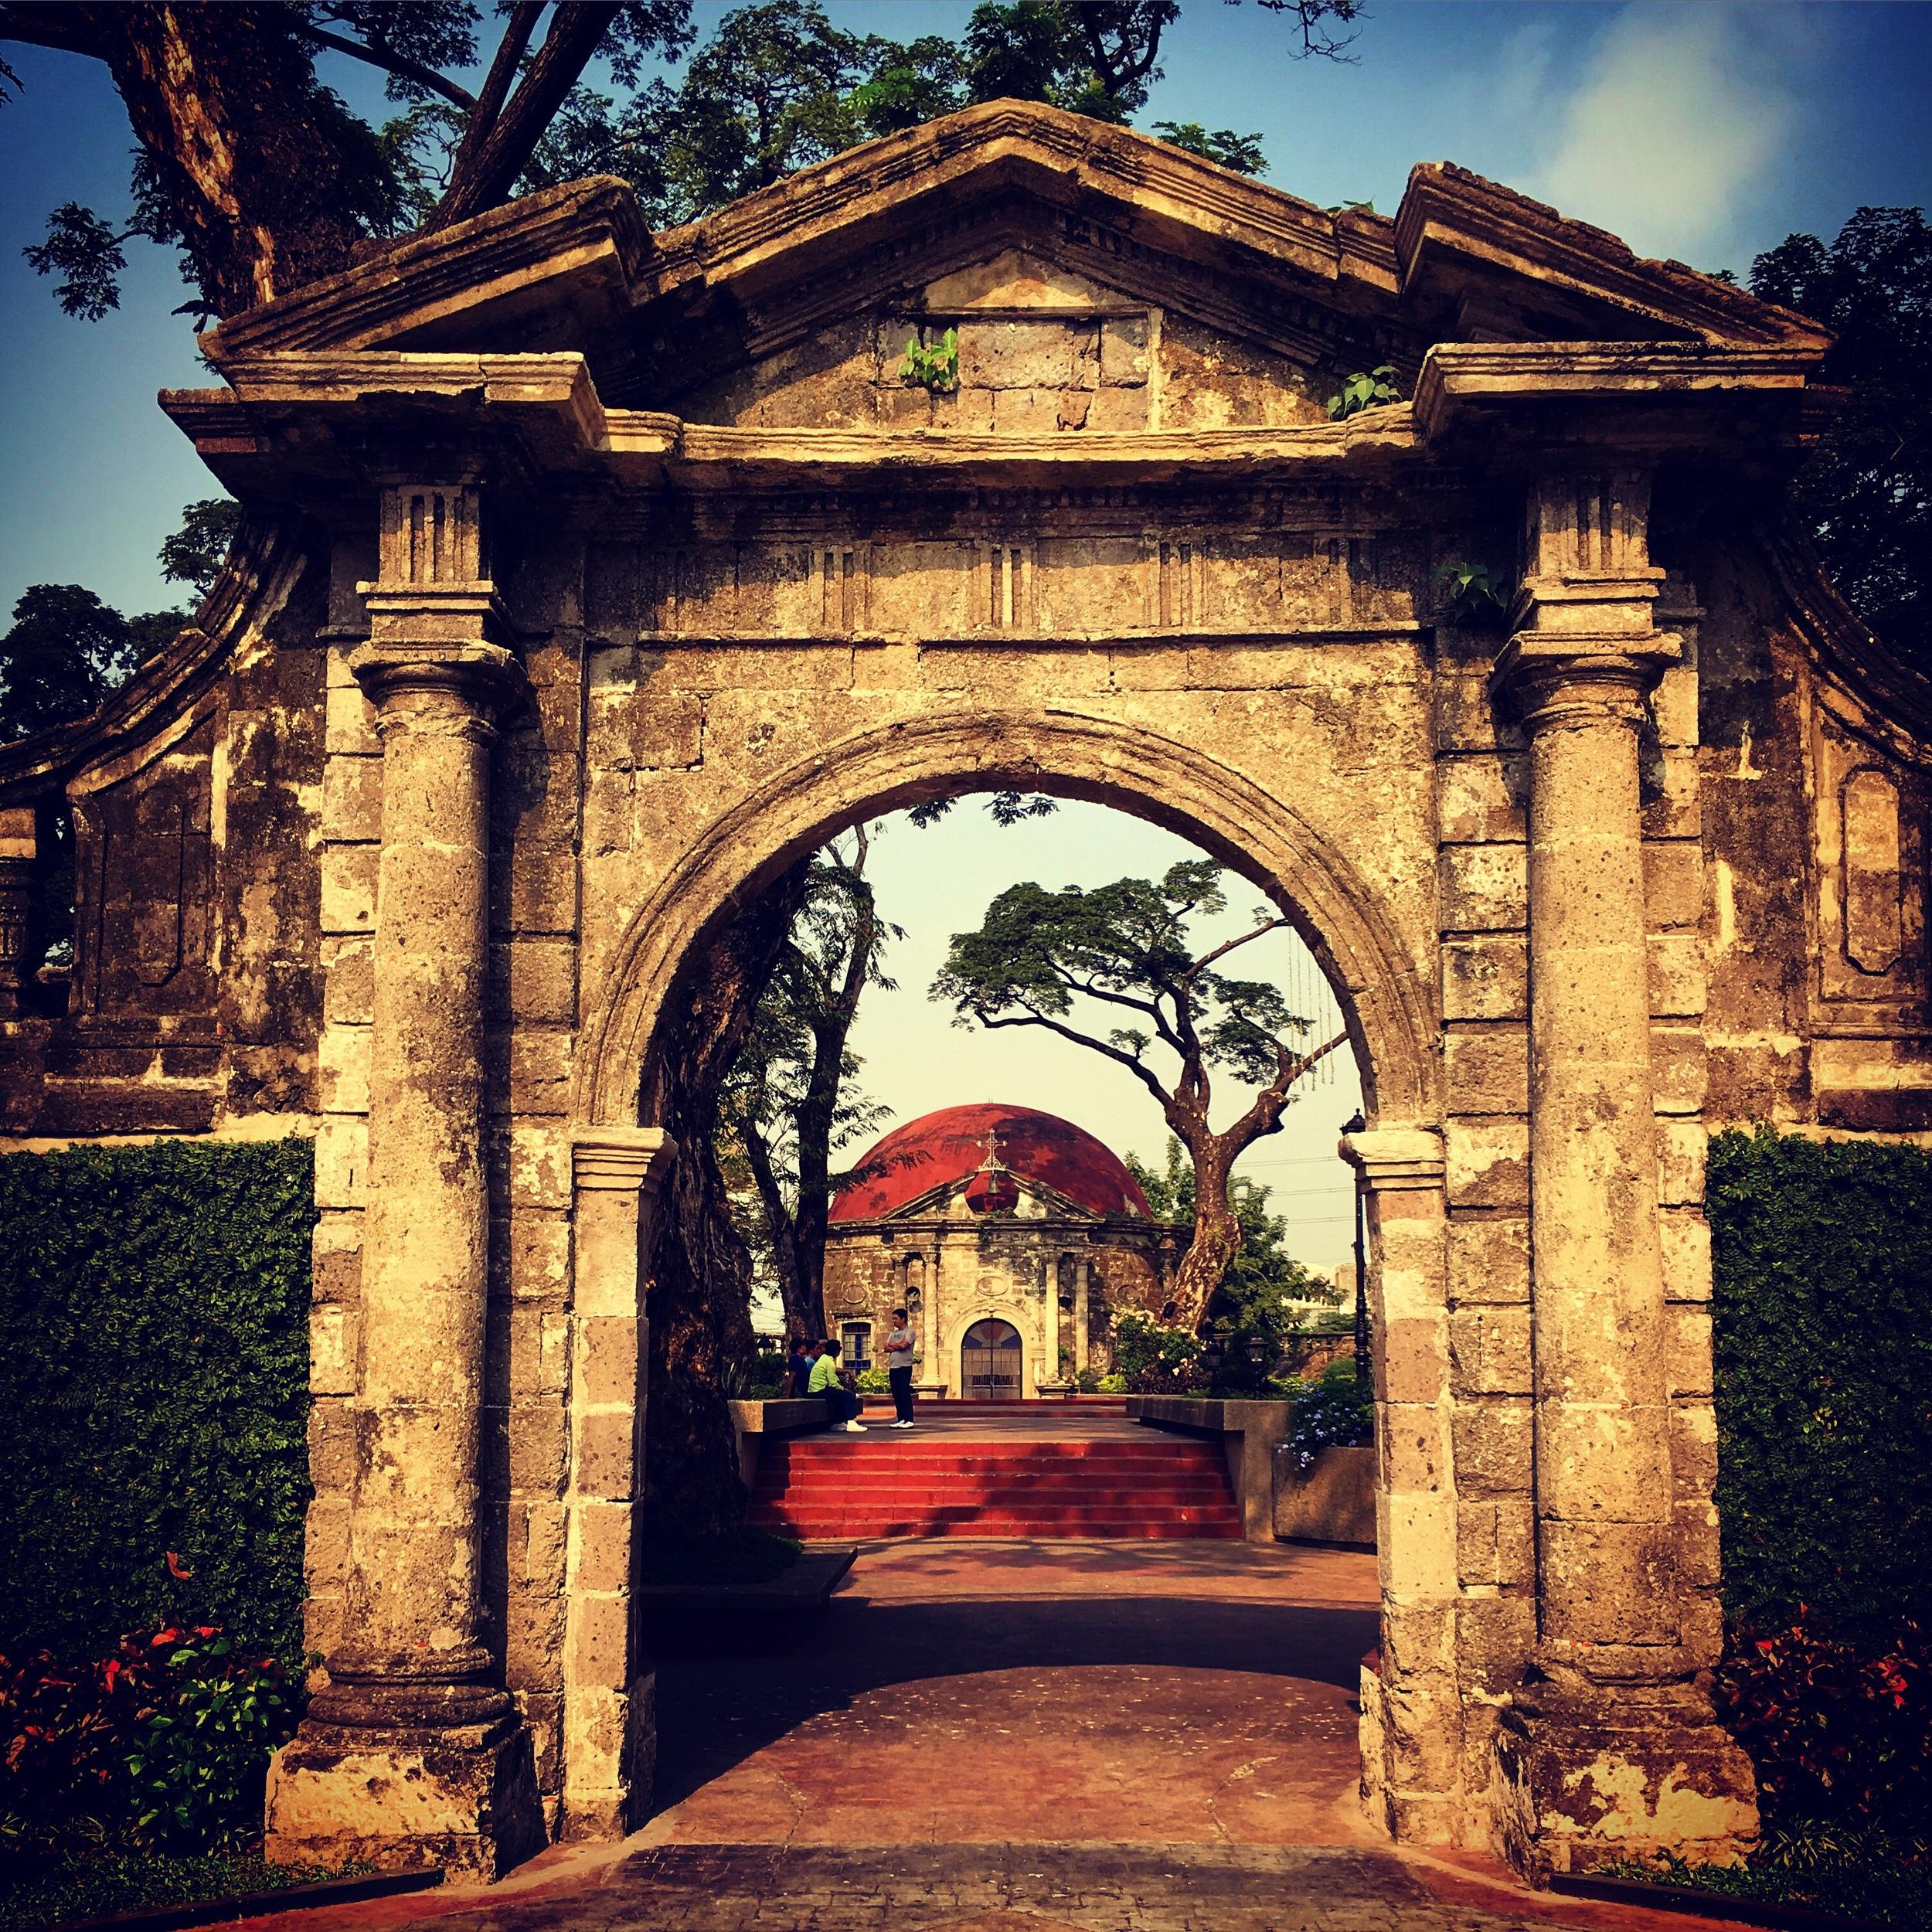 Paco Park entrance